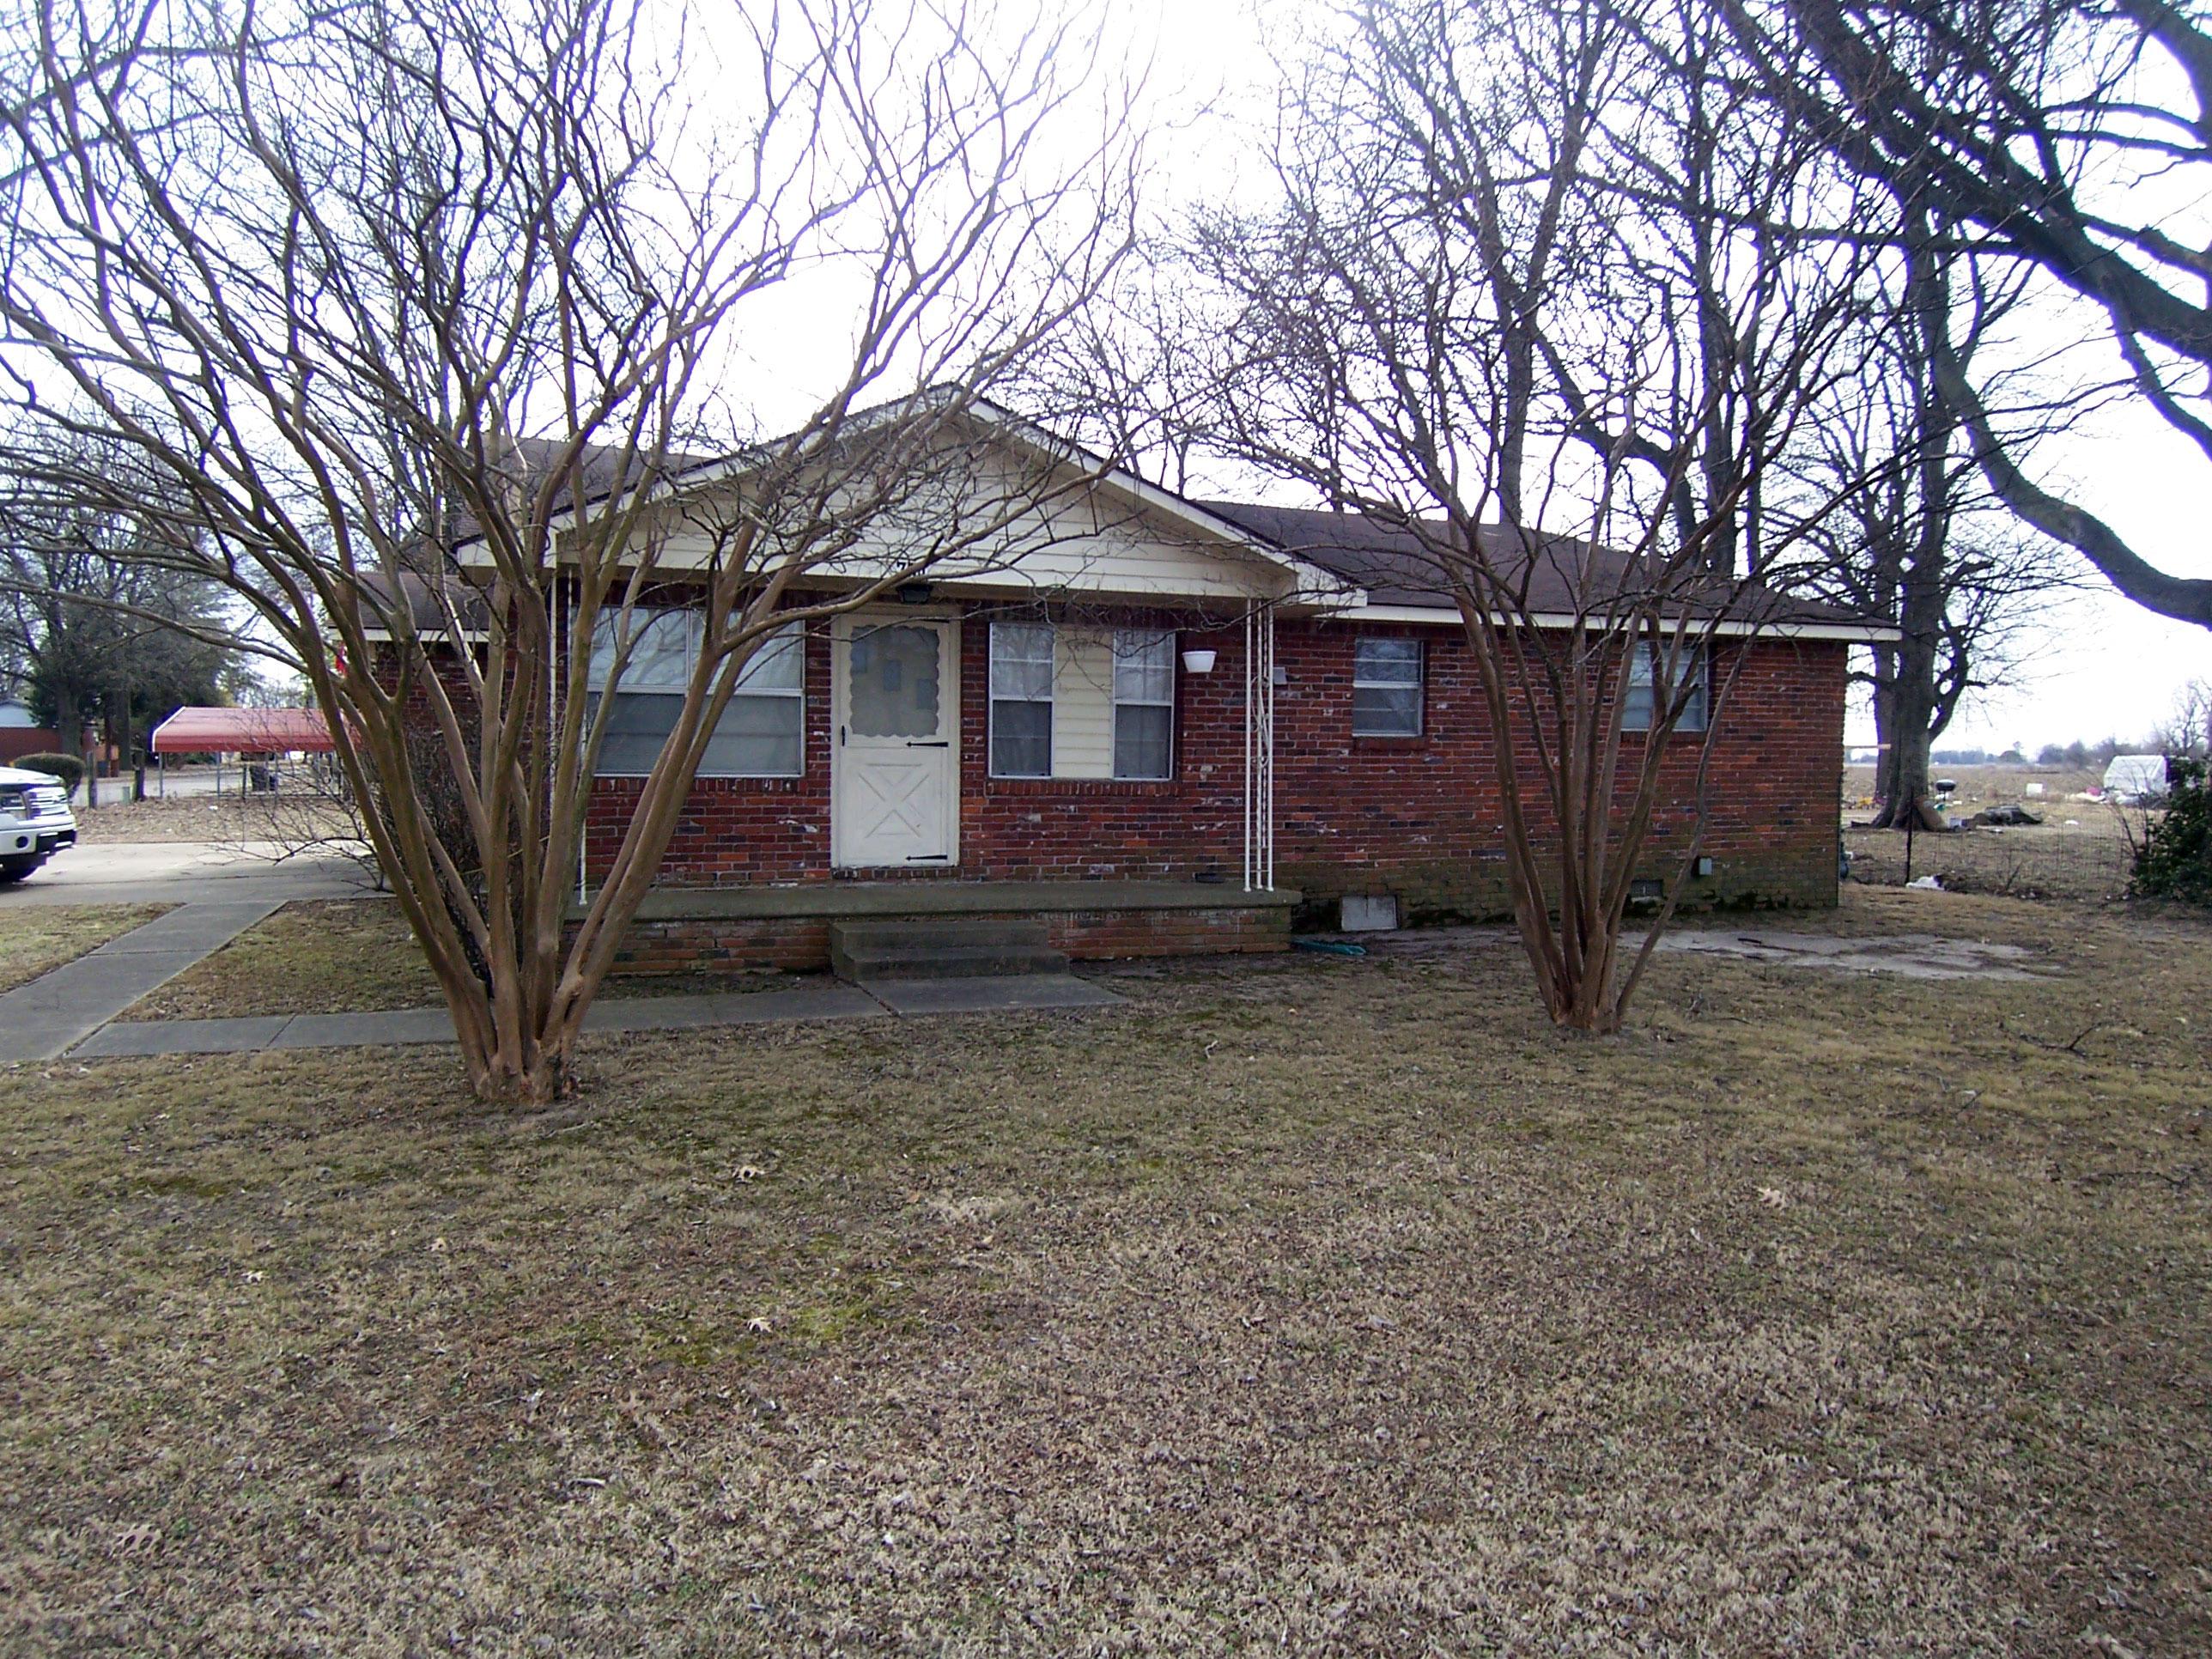 704 West Calhoun, Luxora, Arkansas 72358